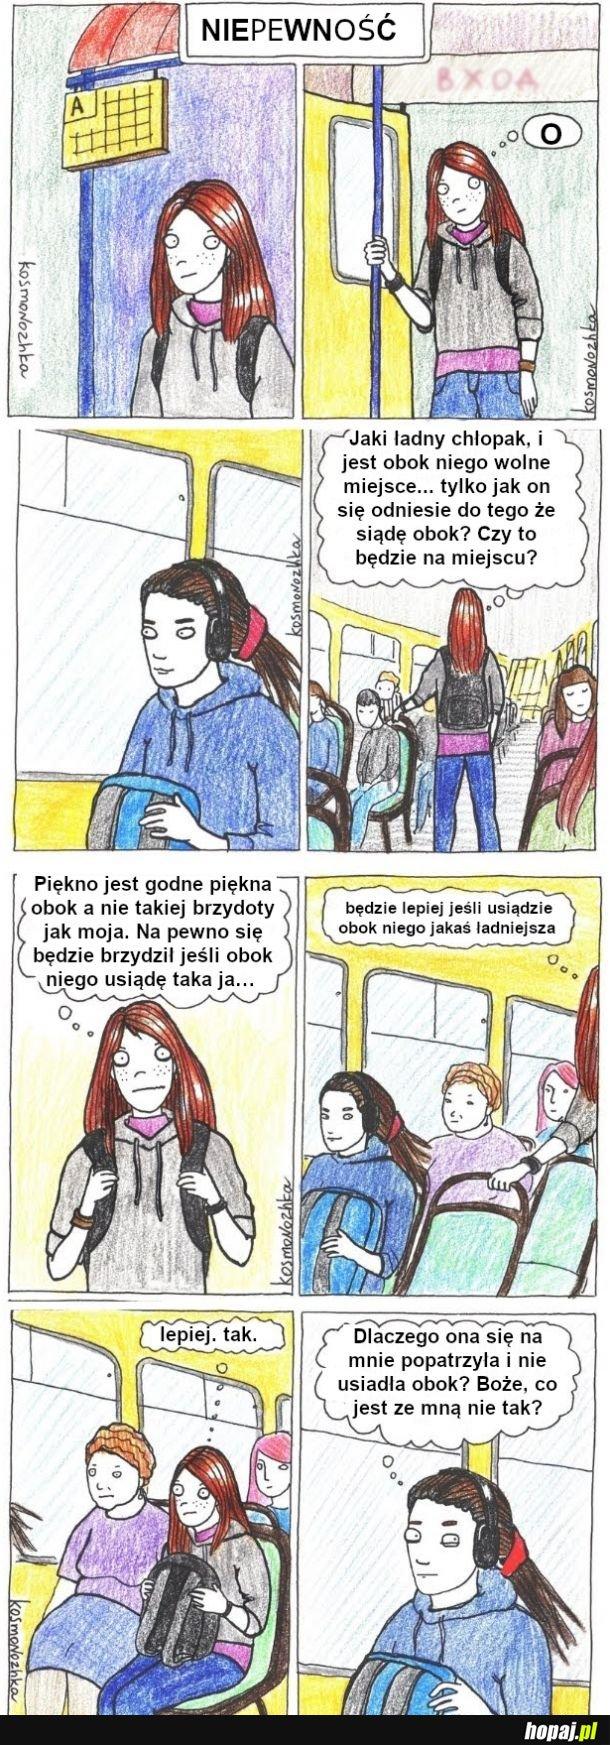 Sytuacja w autobusie